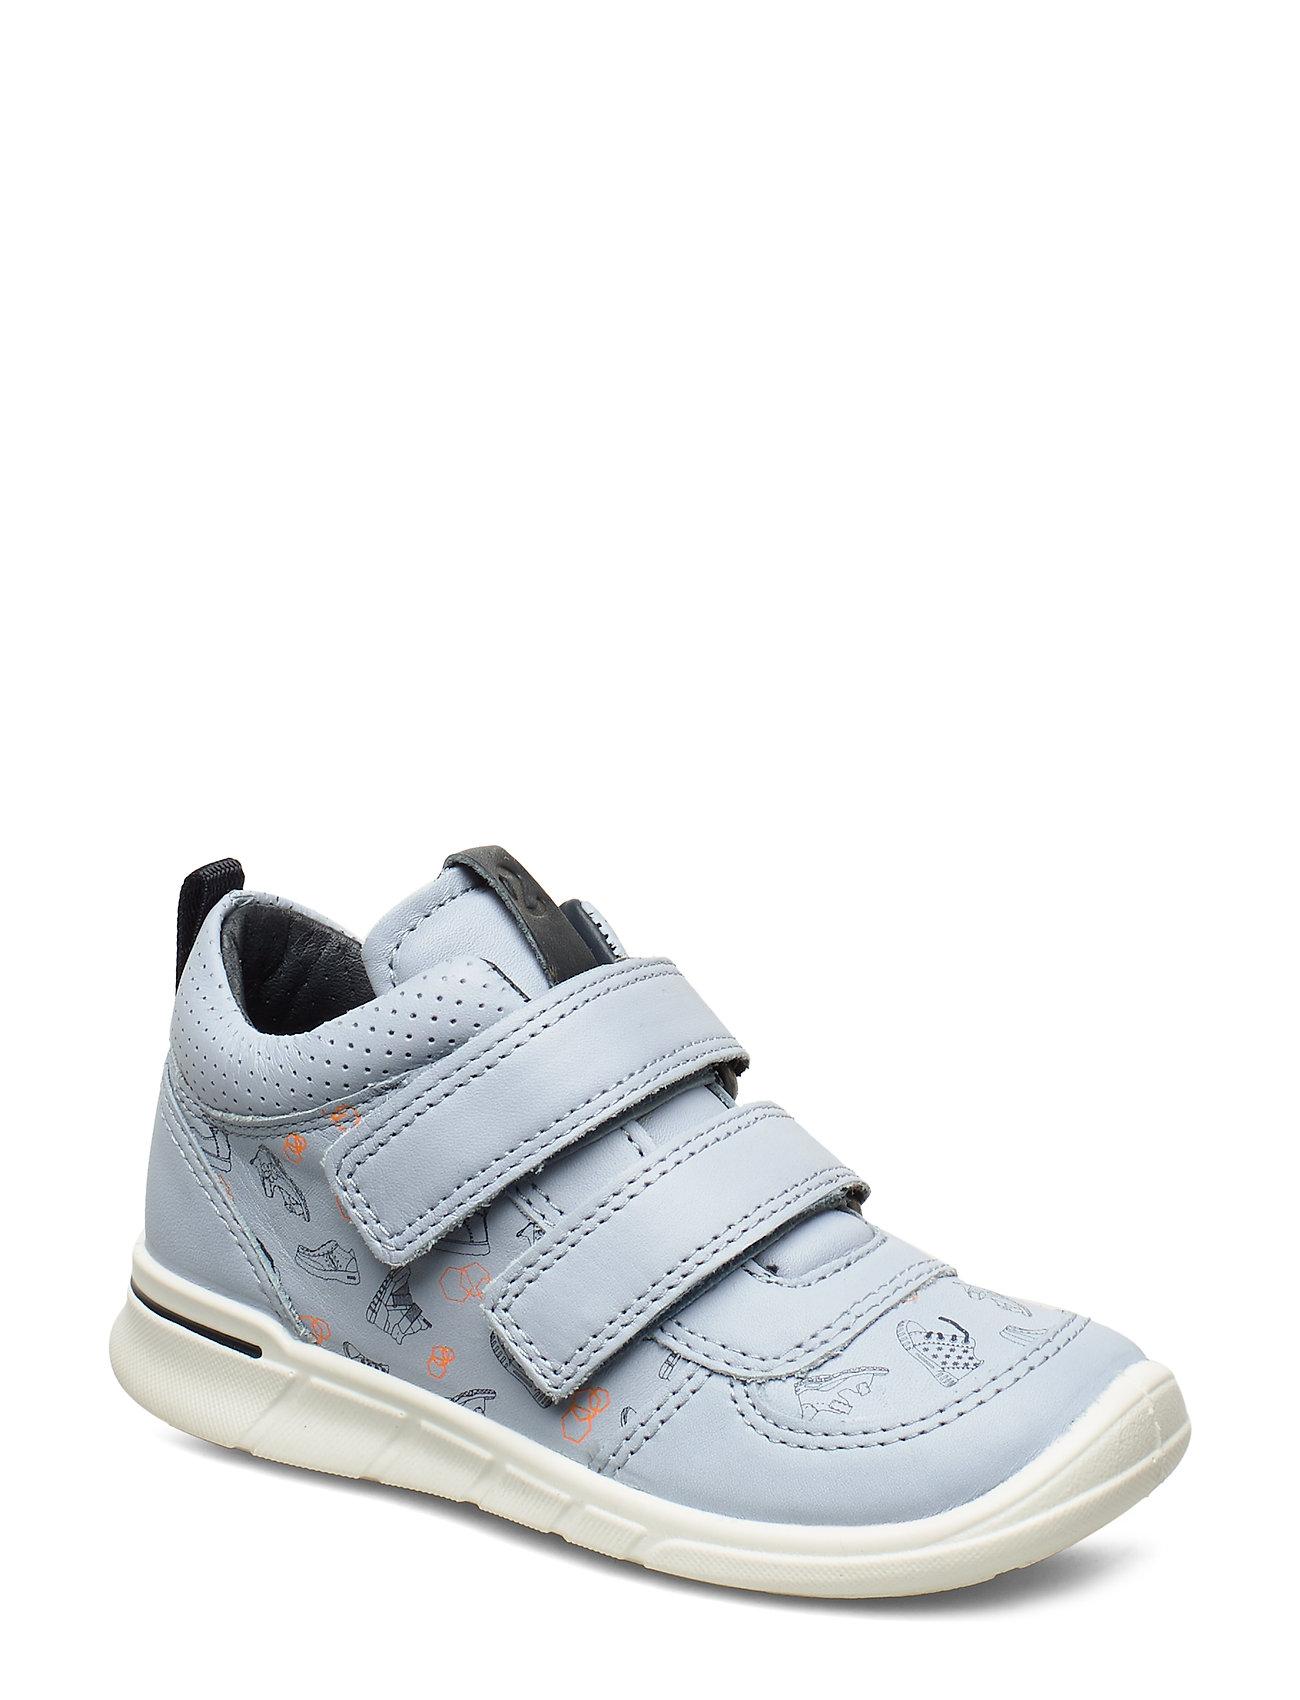 Image of First Sneakers Sko Blå ECCO (3295240487)